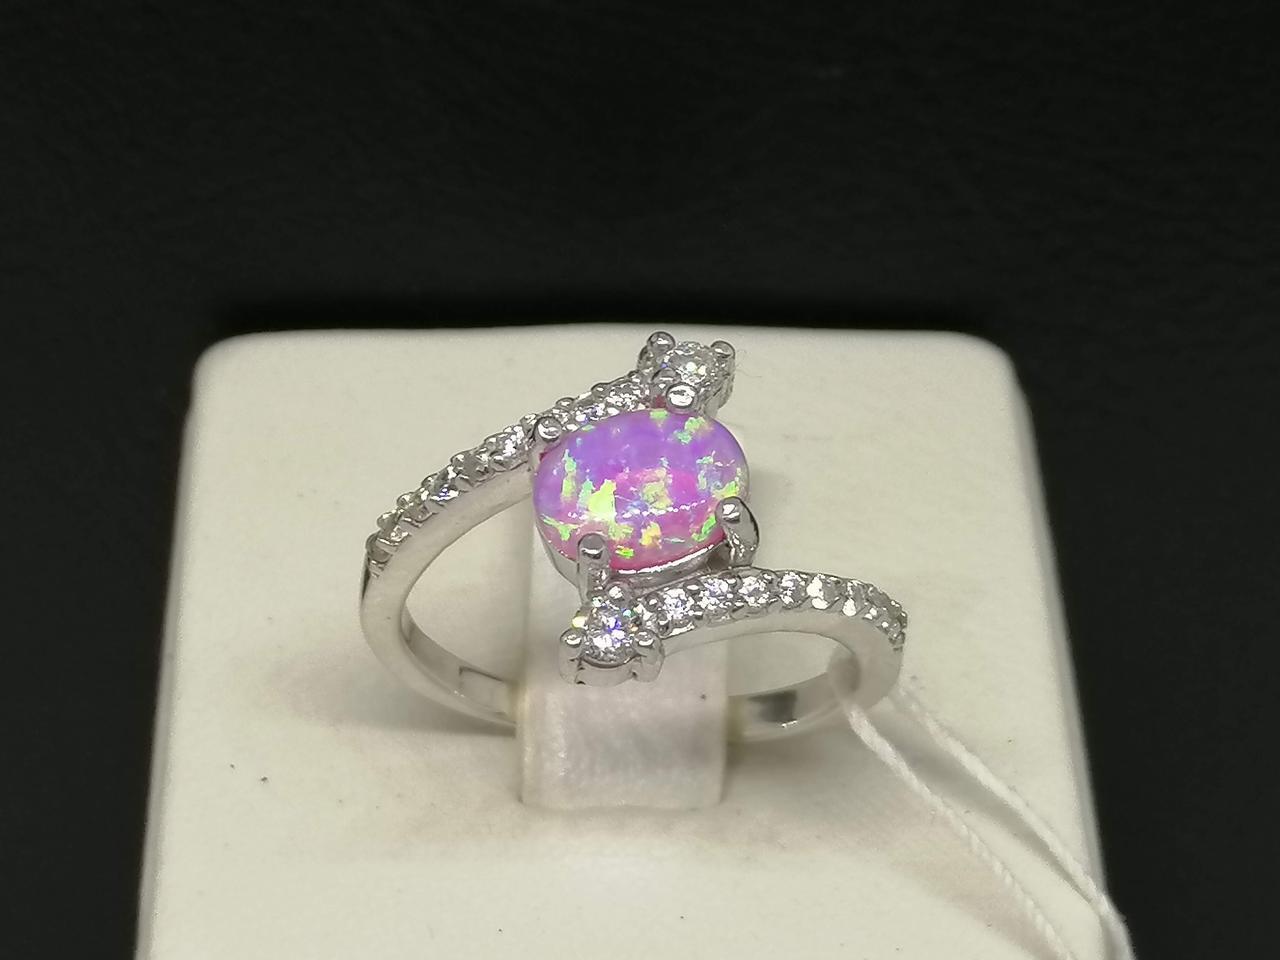 Серебряное кольцо с опалом и фианитами. Артикул 2221 081249 18